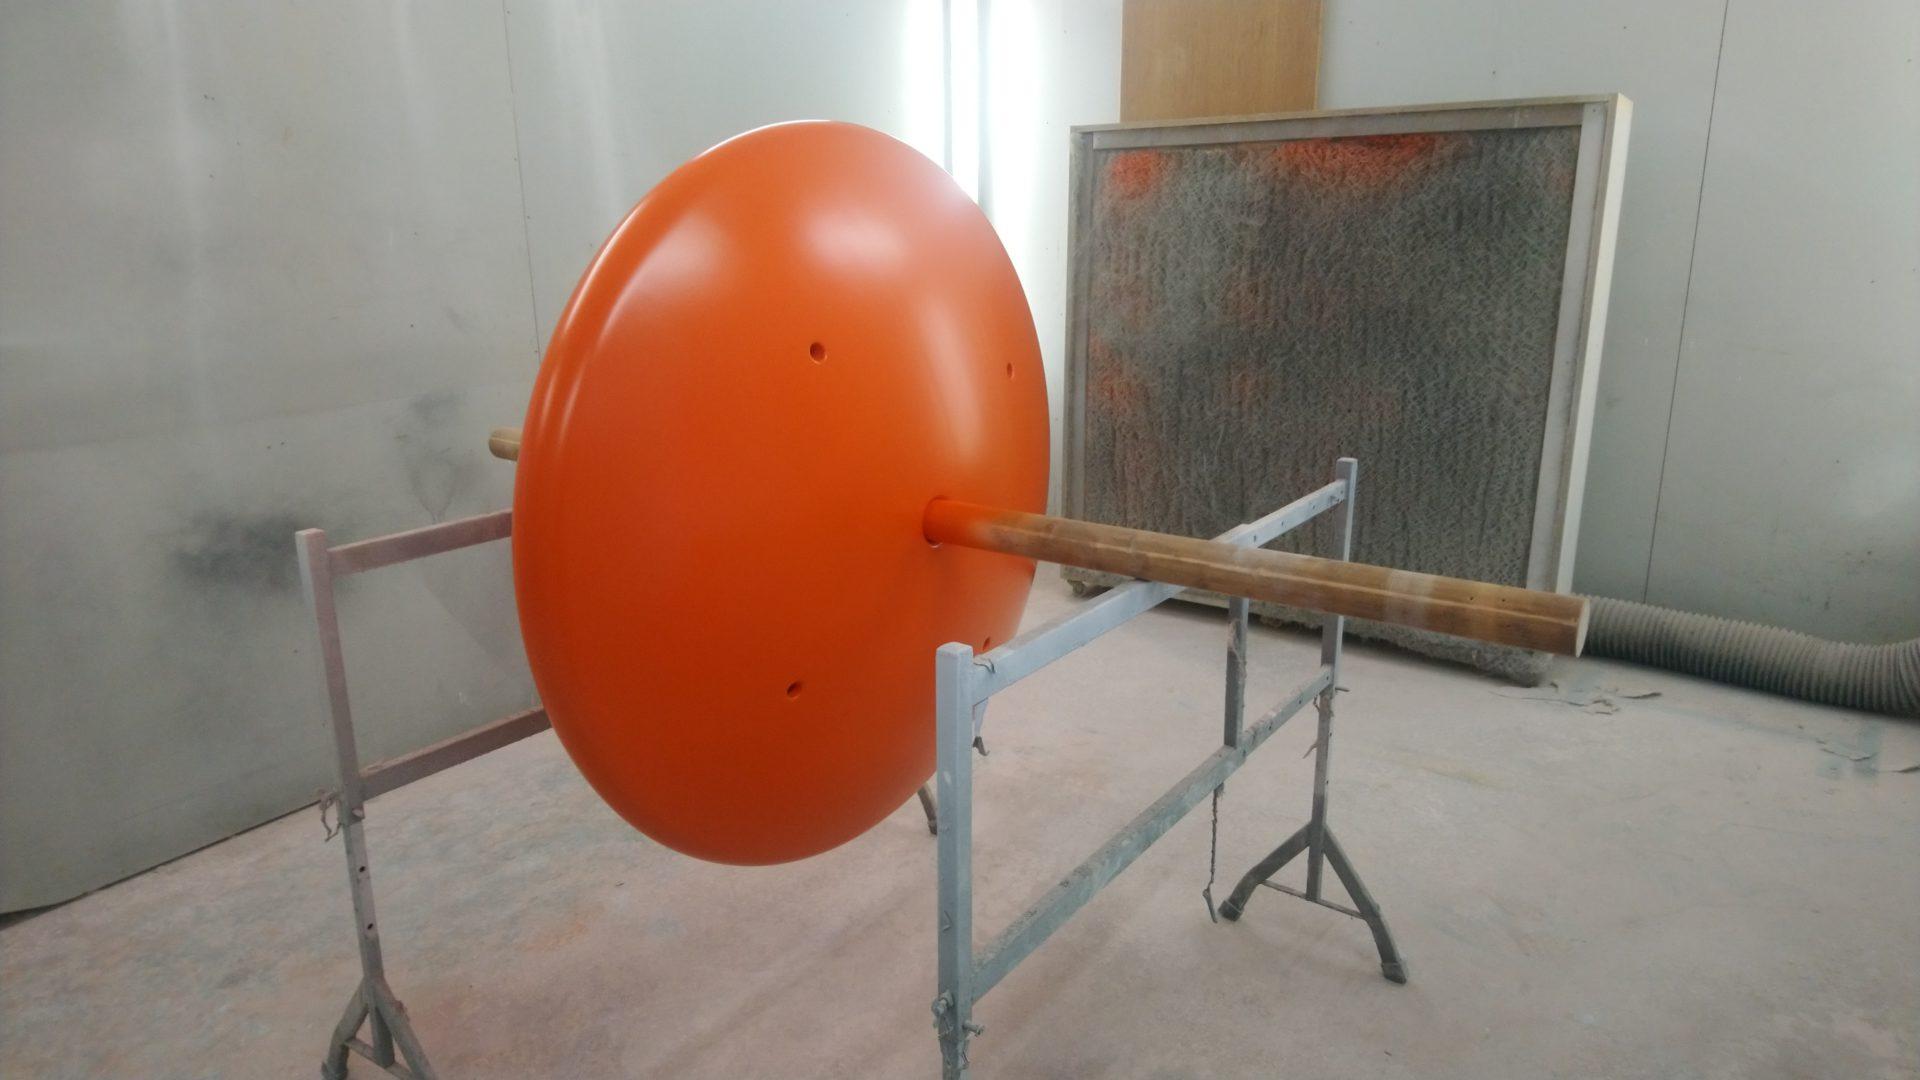 Flache, runde Auftriebsboje-Körper für die Tiefsee, noch im Bau befindlich, orange-rot lackiert.